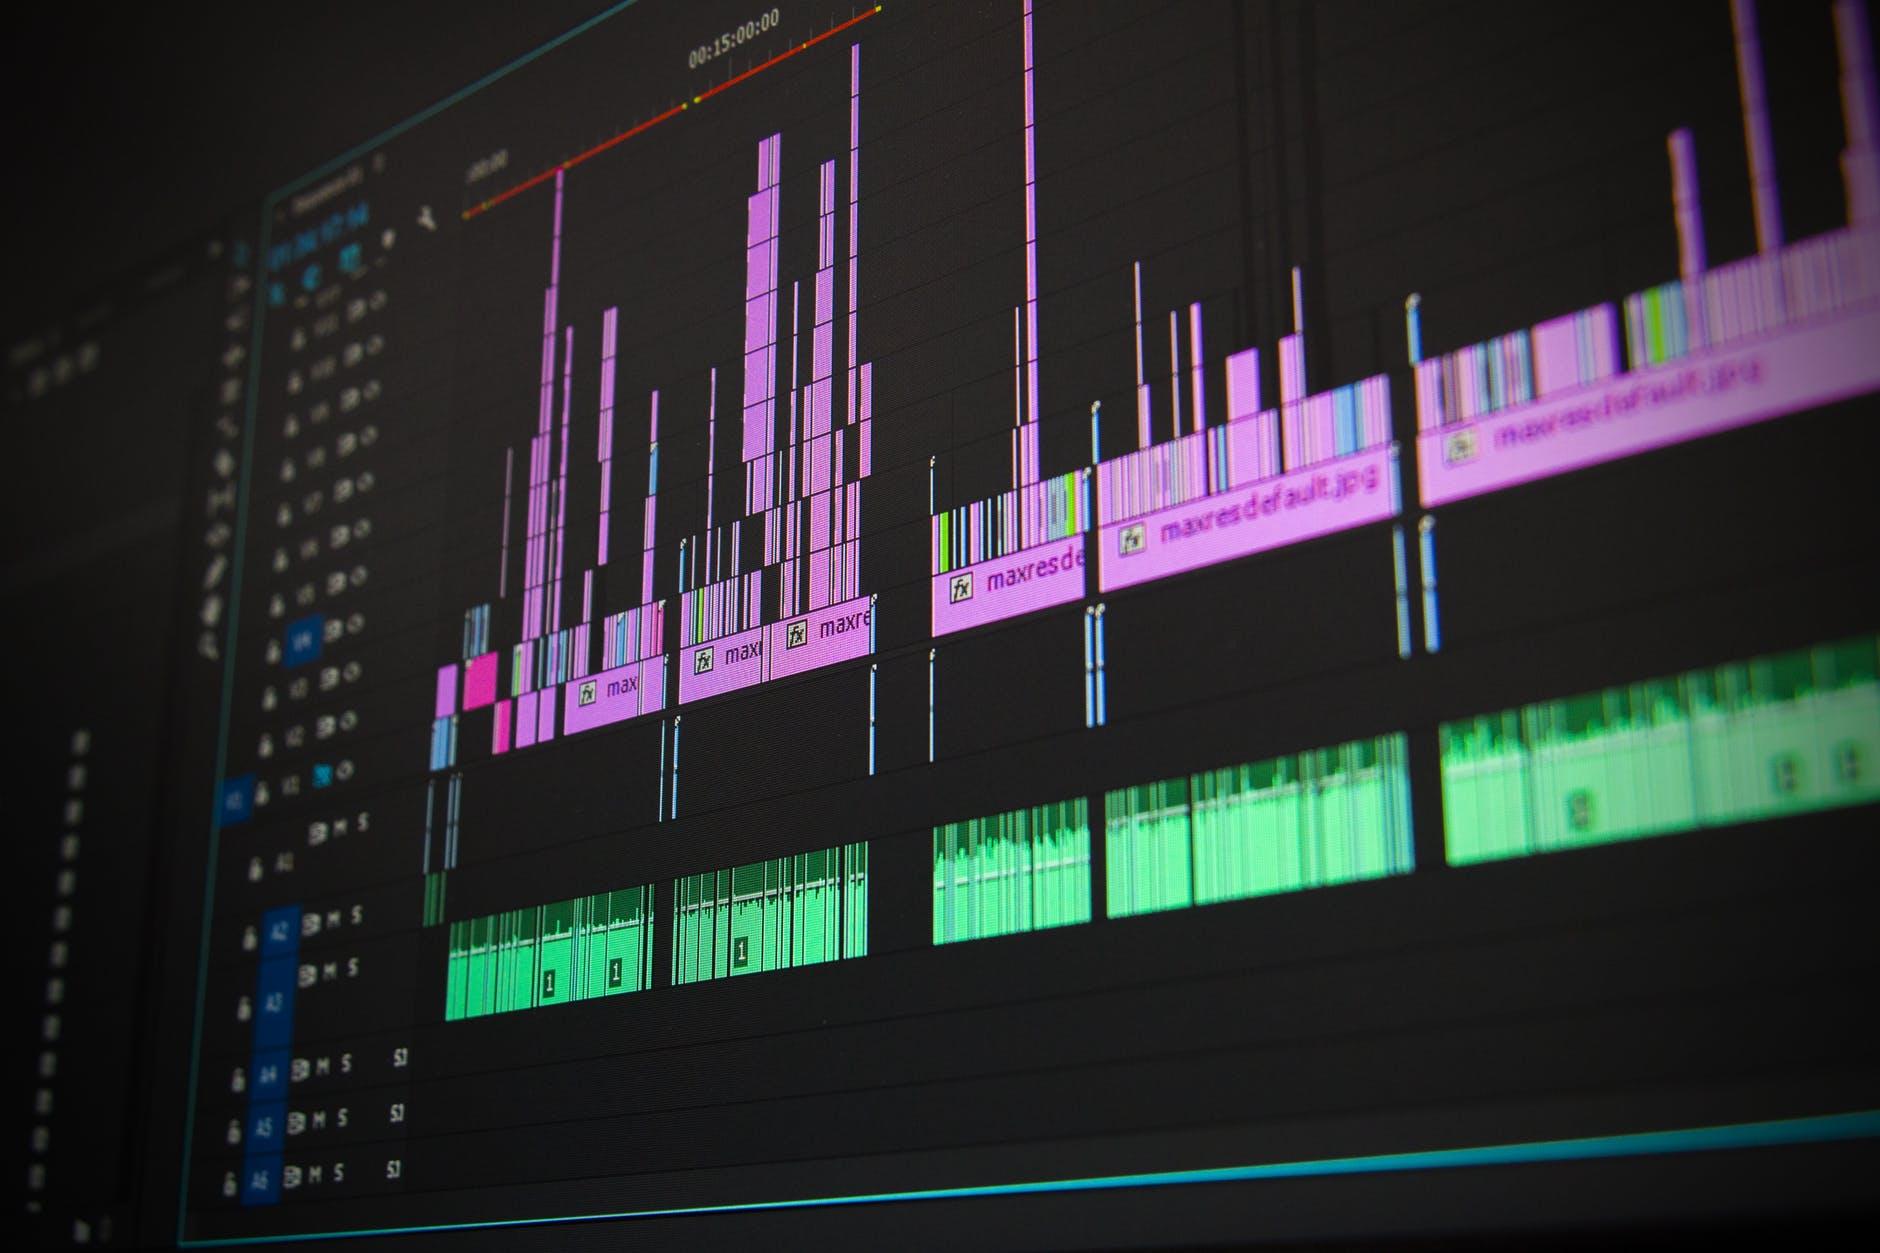 logiciels de montage video